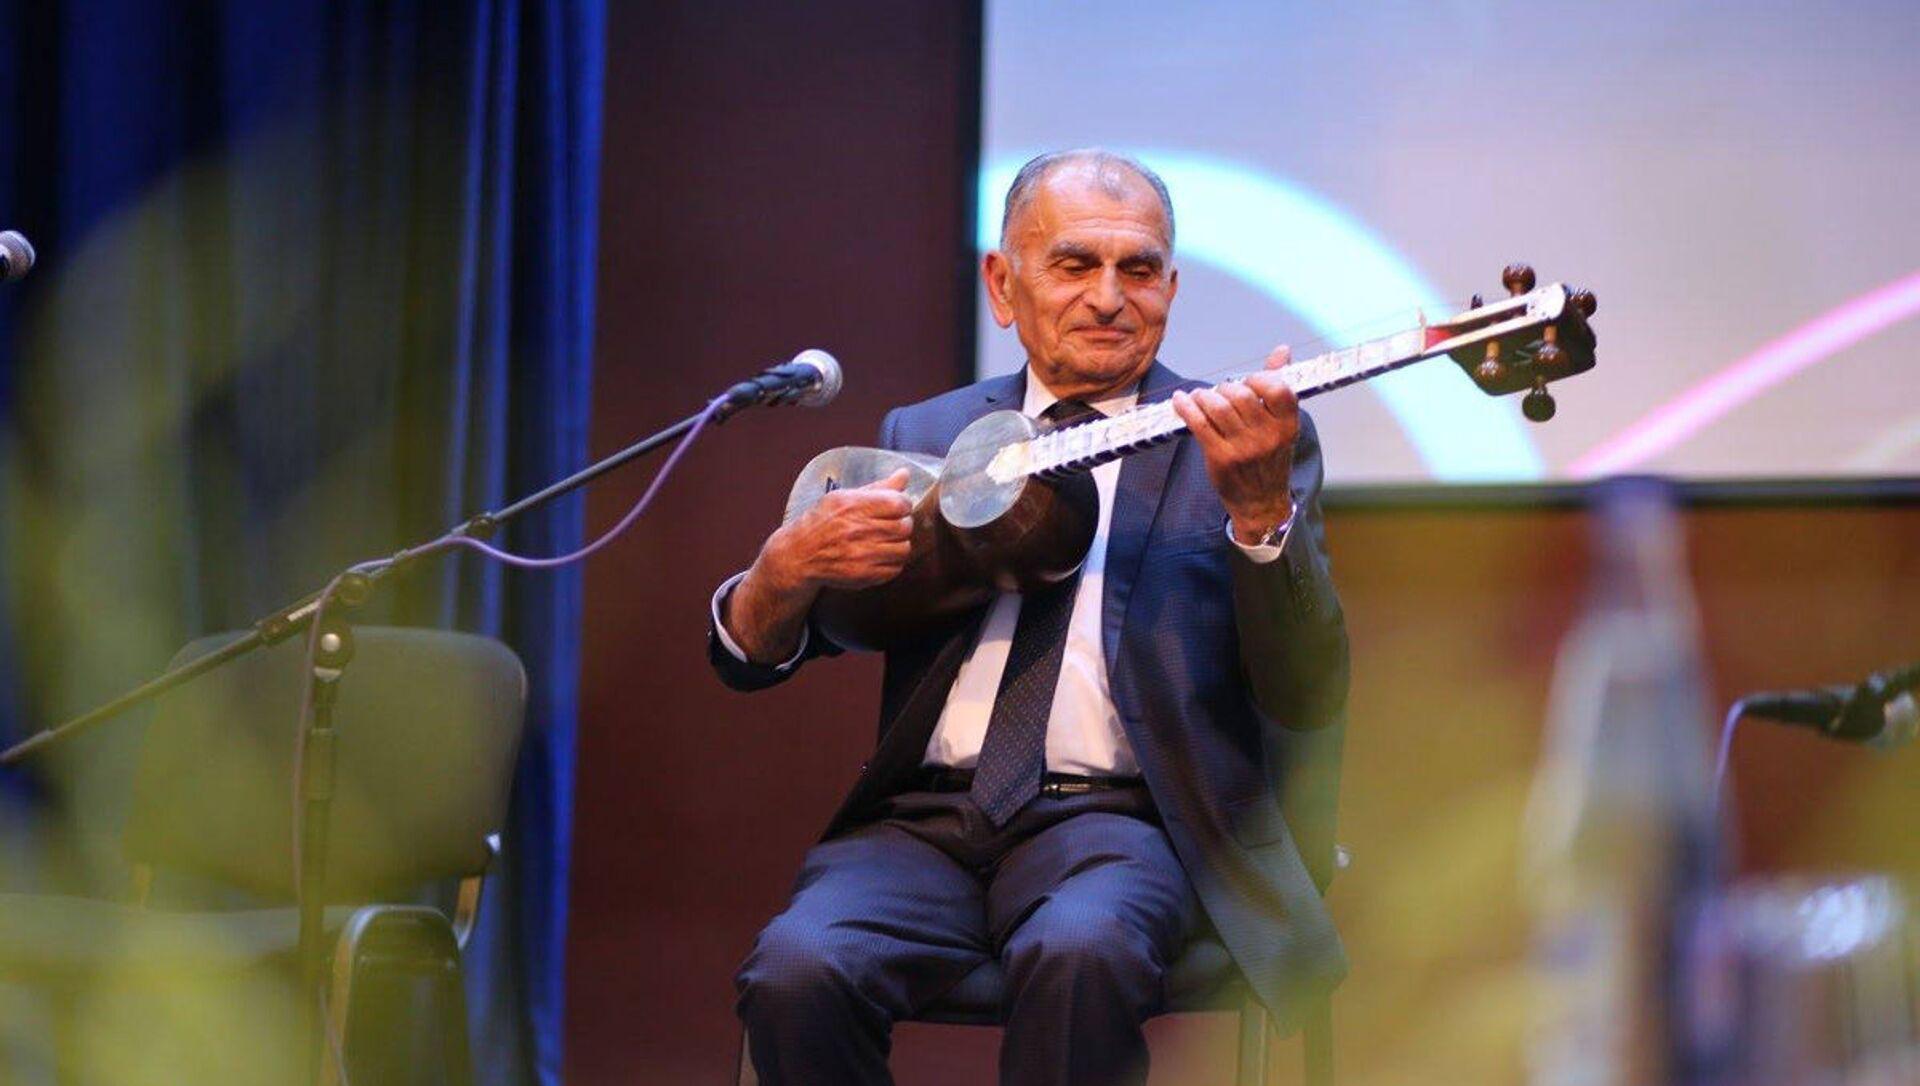 Xalq artisti Vamiq Məmmədəliyev, arxiv şəkli - Sputnik Azərbaycan, 1920, 17.09.2021